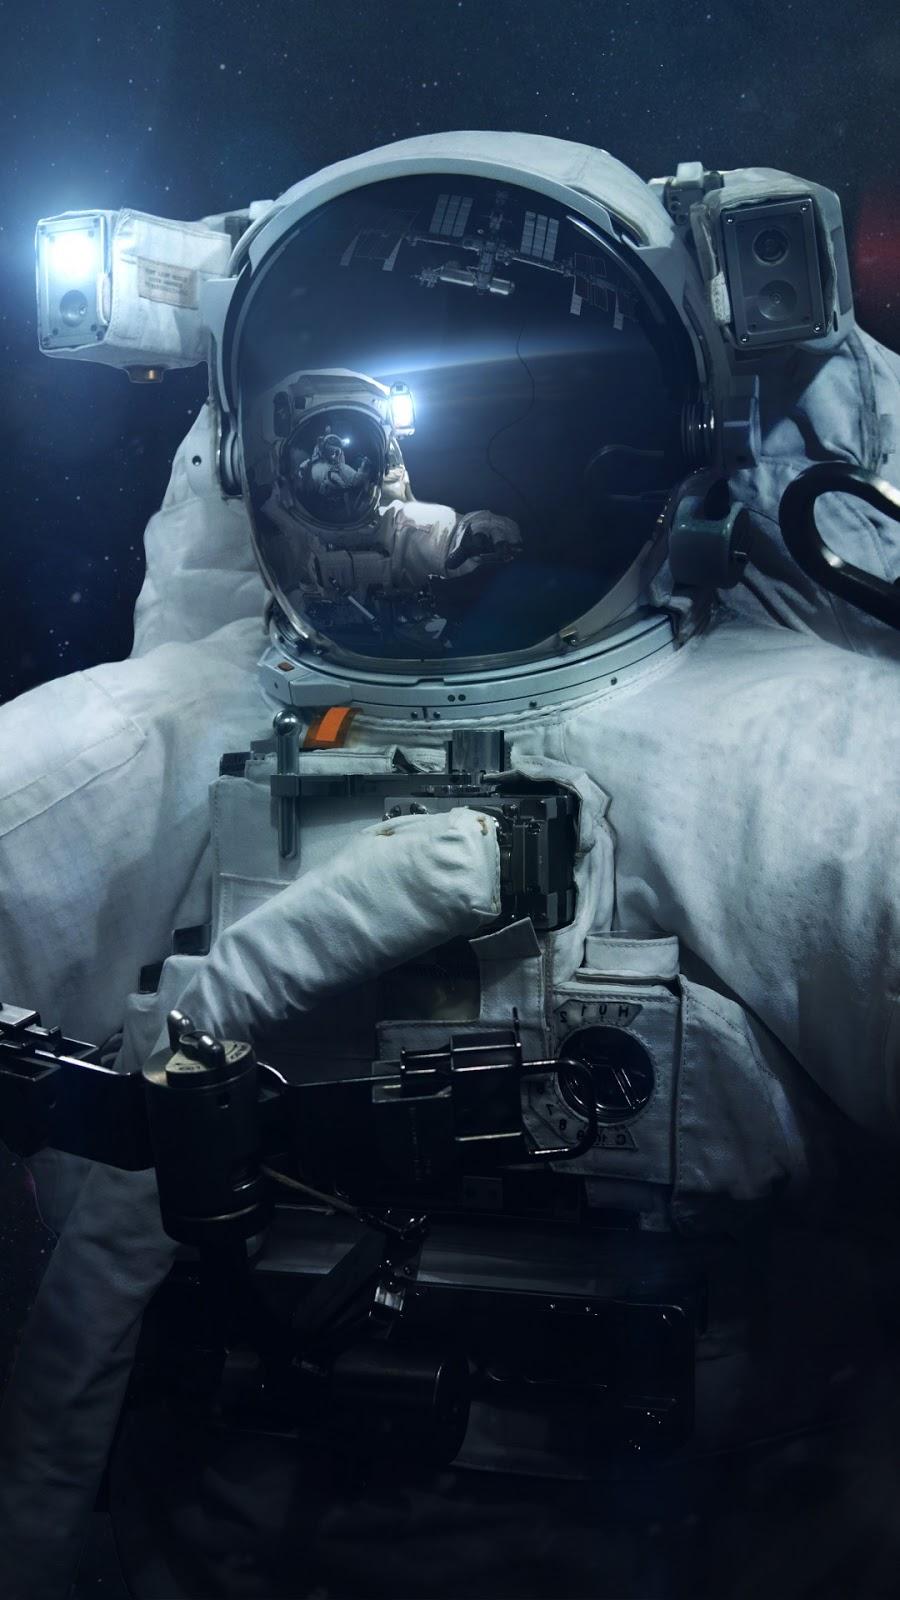 Papel de parede grátis Astronauta no Espaço Infinito para PC, Notebook, iPhone, Android e Tablet.